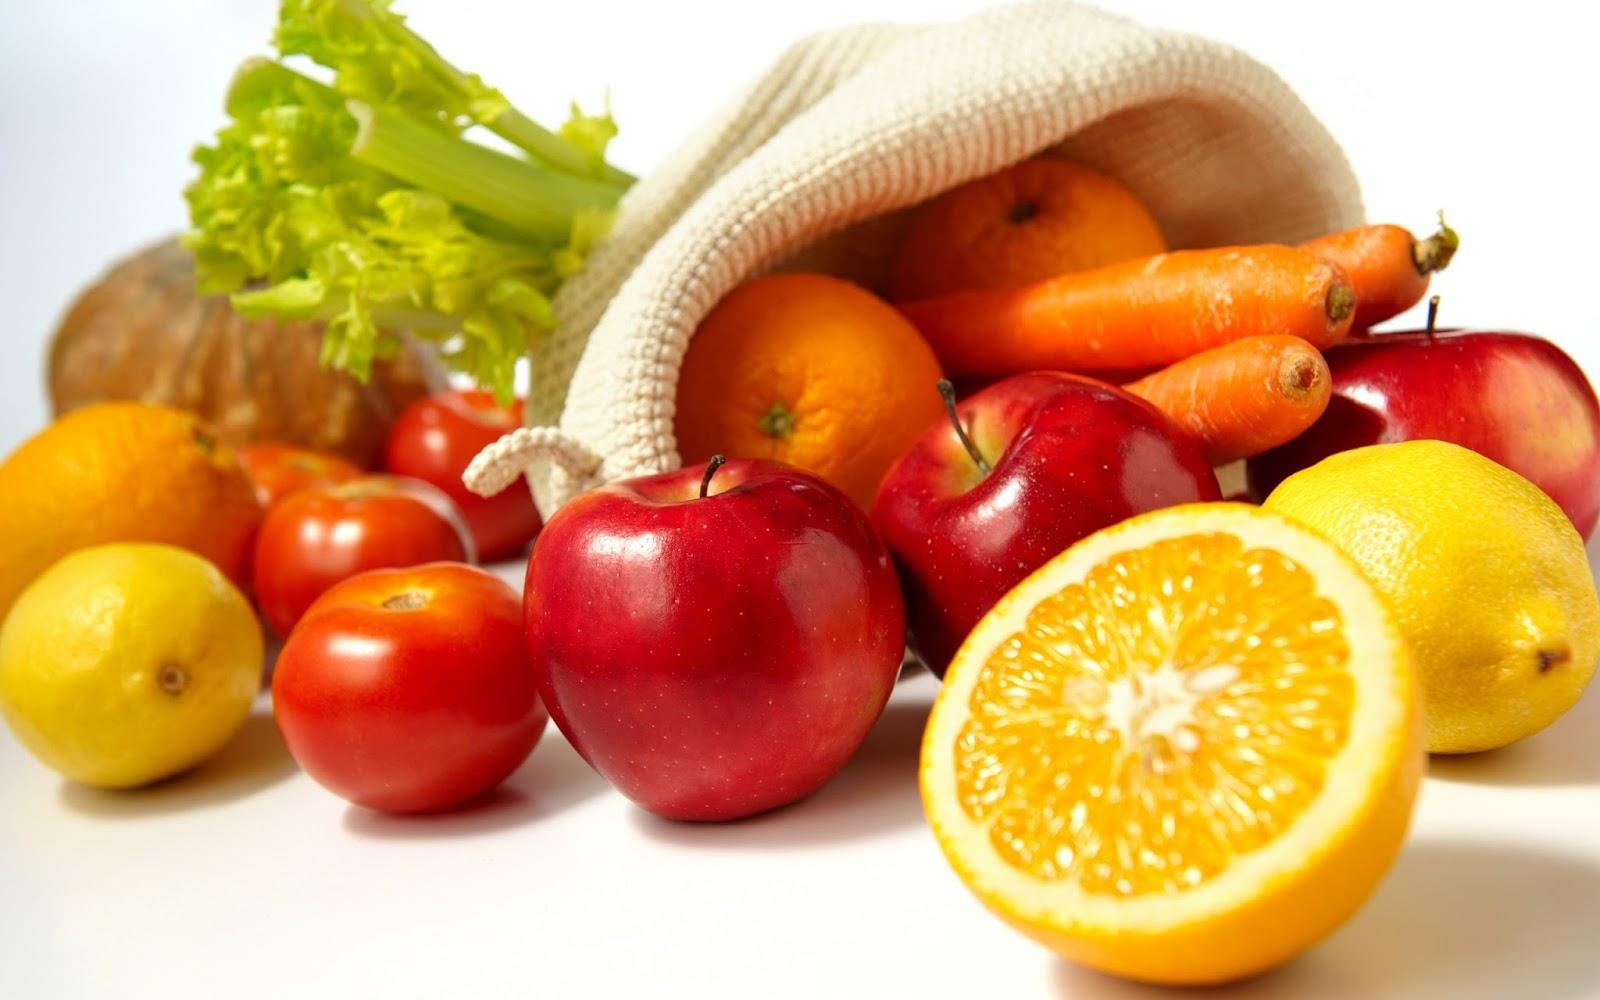 owoce i warzywa 2560x1600 011